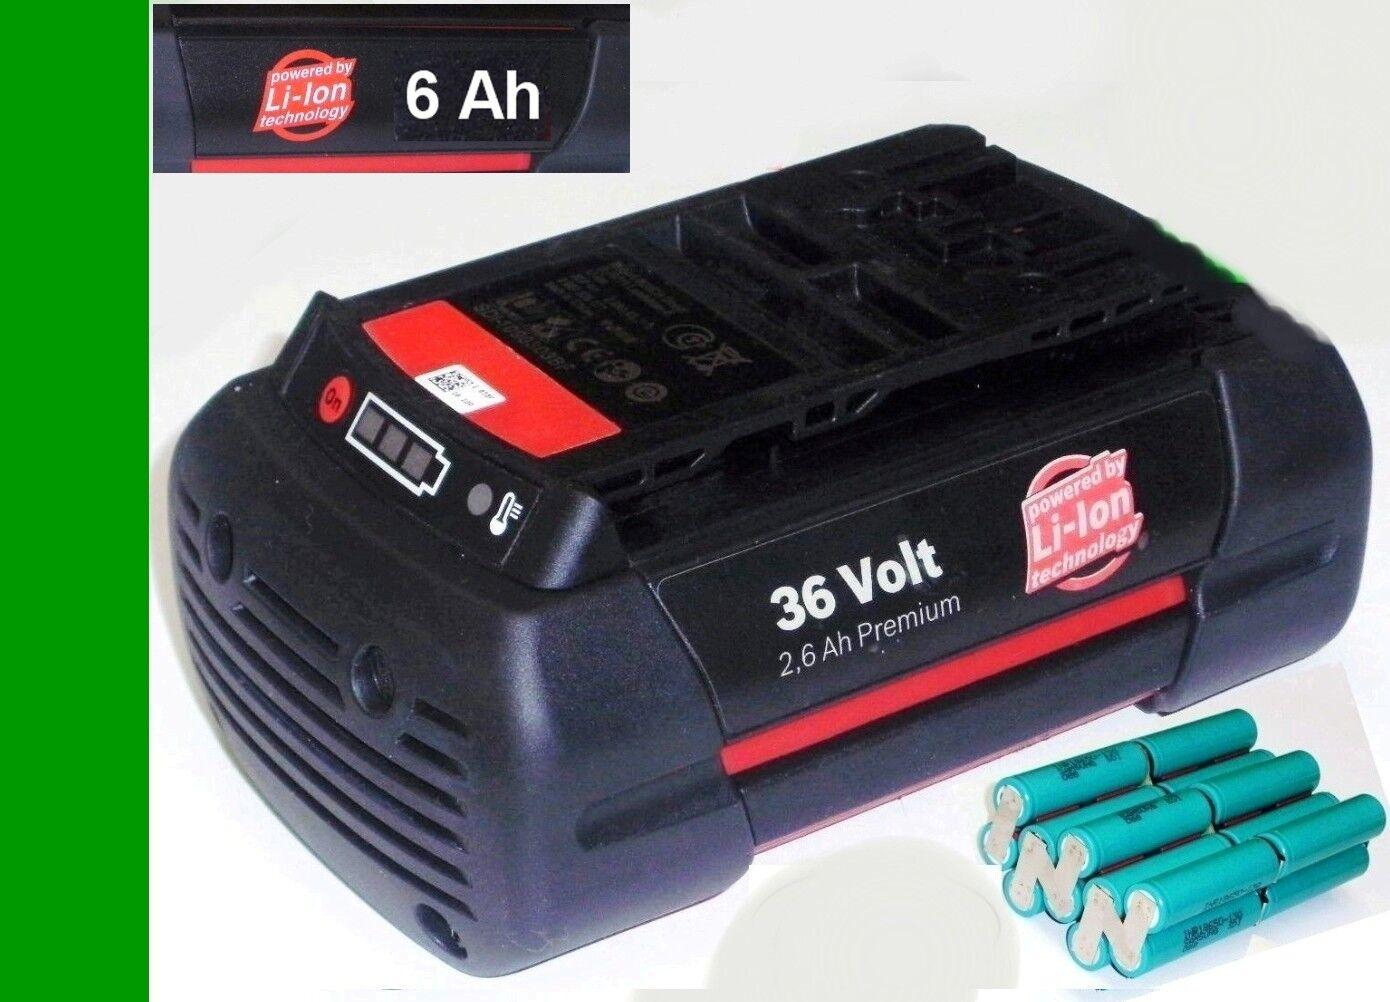 Zellentausch für Original Bosch Akku 36 V Li 36 Volt   mit 6 Ah Samsung Zellen